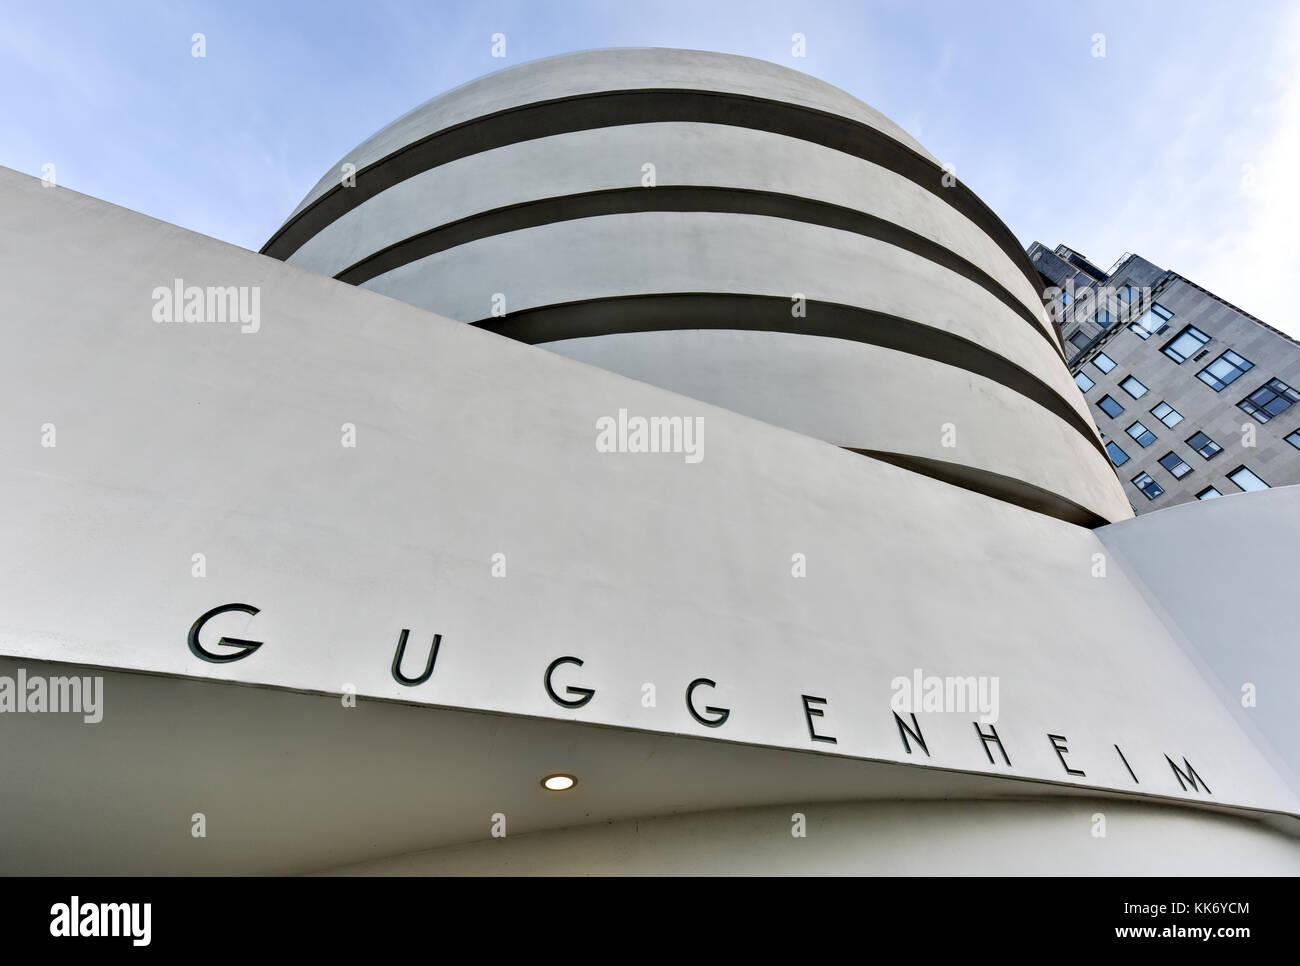 New York City - Januar 31, 2016: Der berühmte Solomon R. Guggenheim Museum für Moderne und Zeitgenössische Stockbild